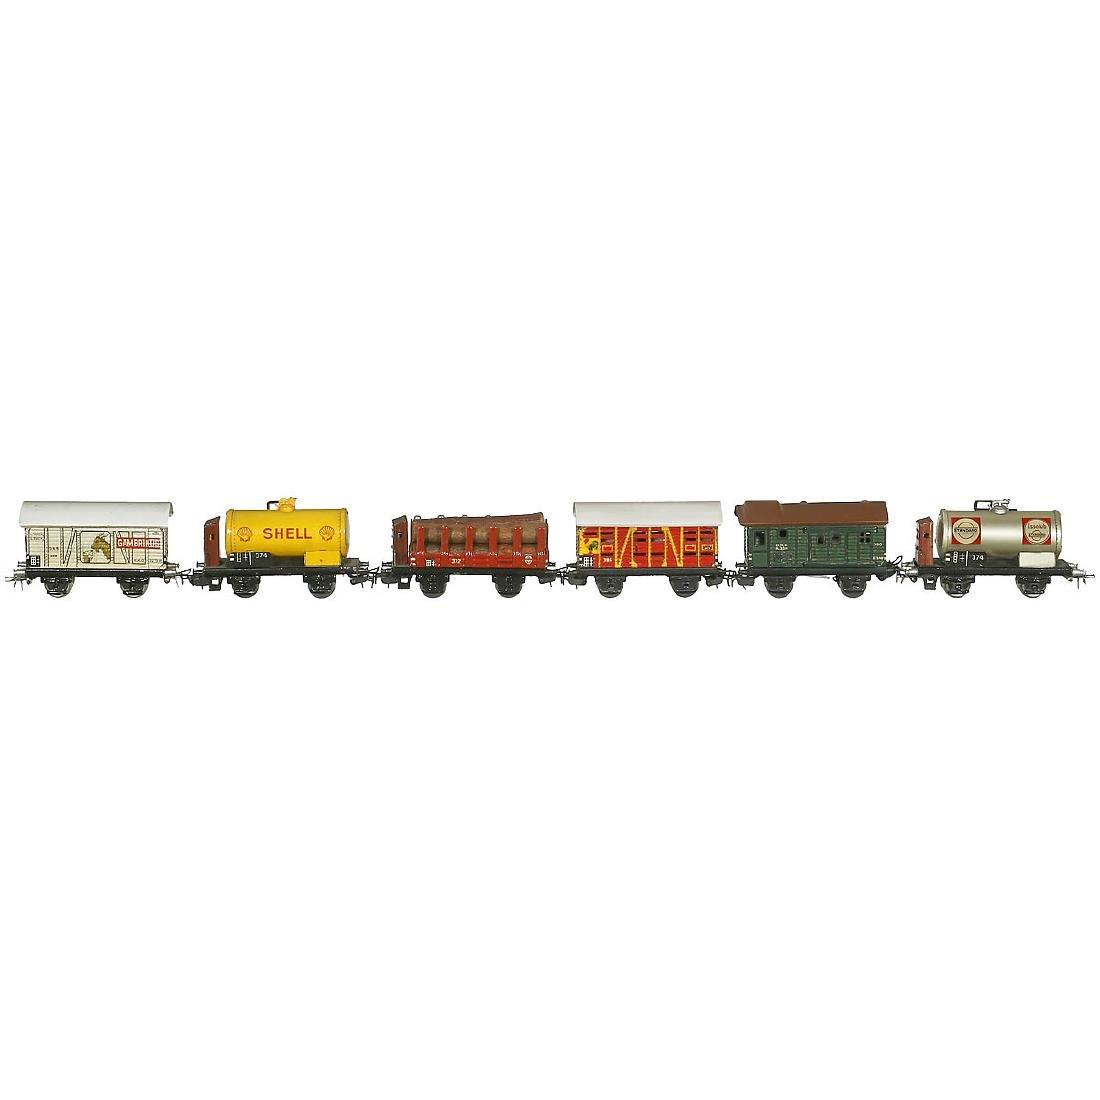 6 Märklin Freight Wagons, c. 1949